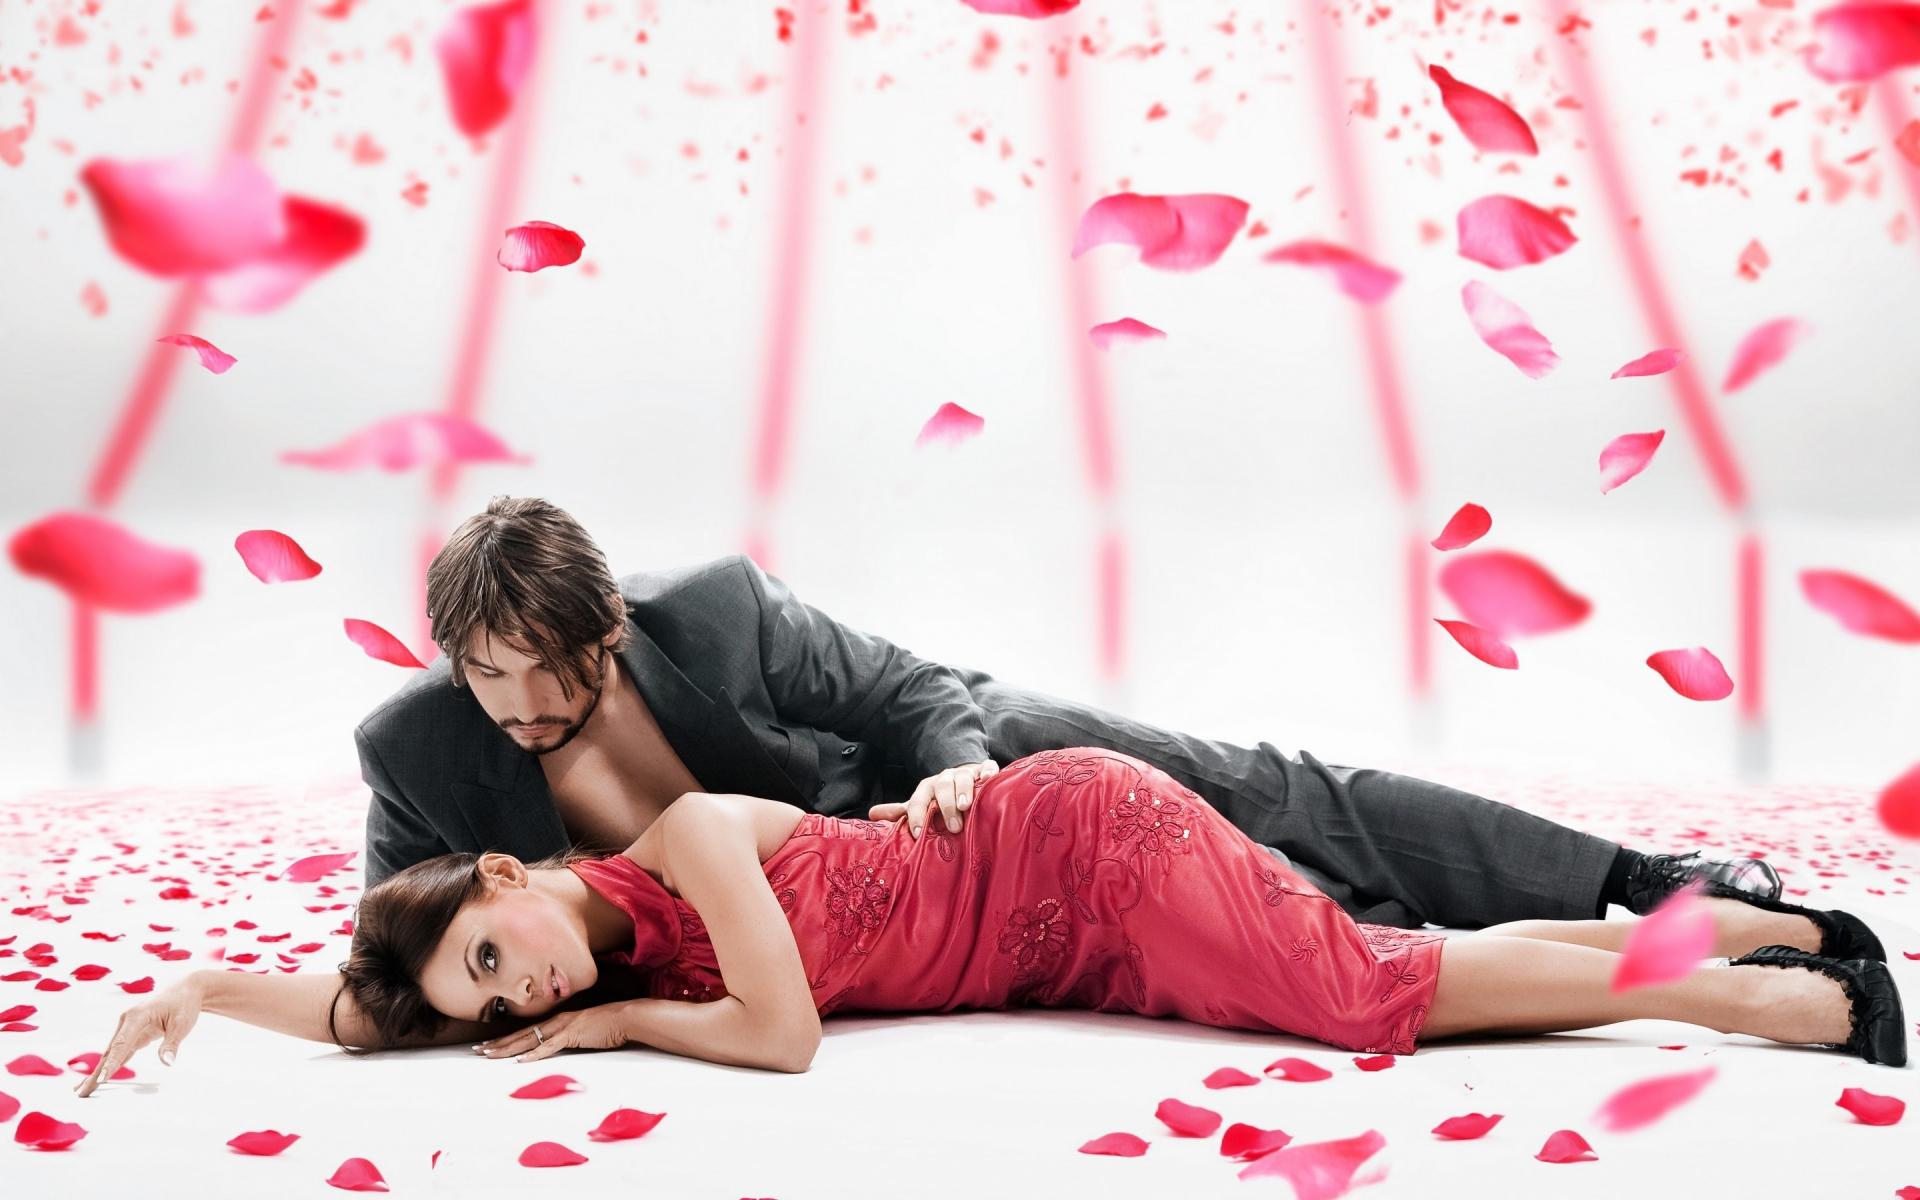 Картинки девушка, парень, розы, лепестки, романтичный фото и обои на рабочий стол